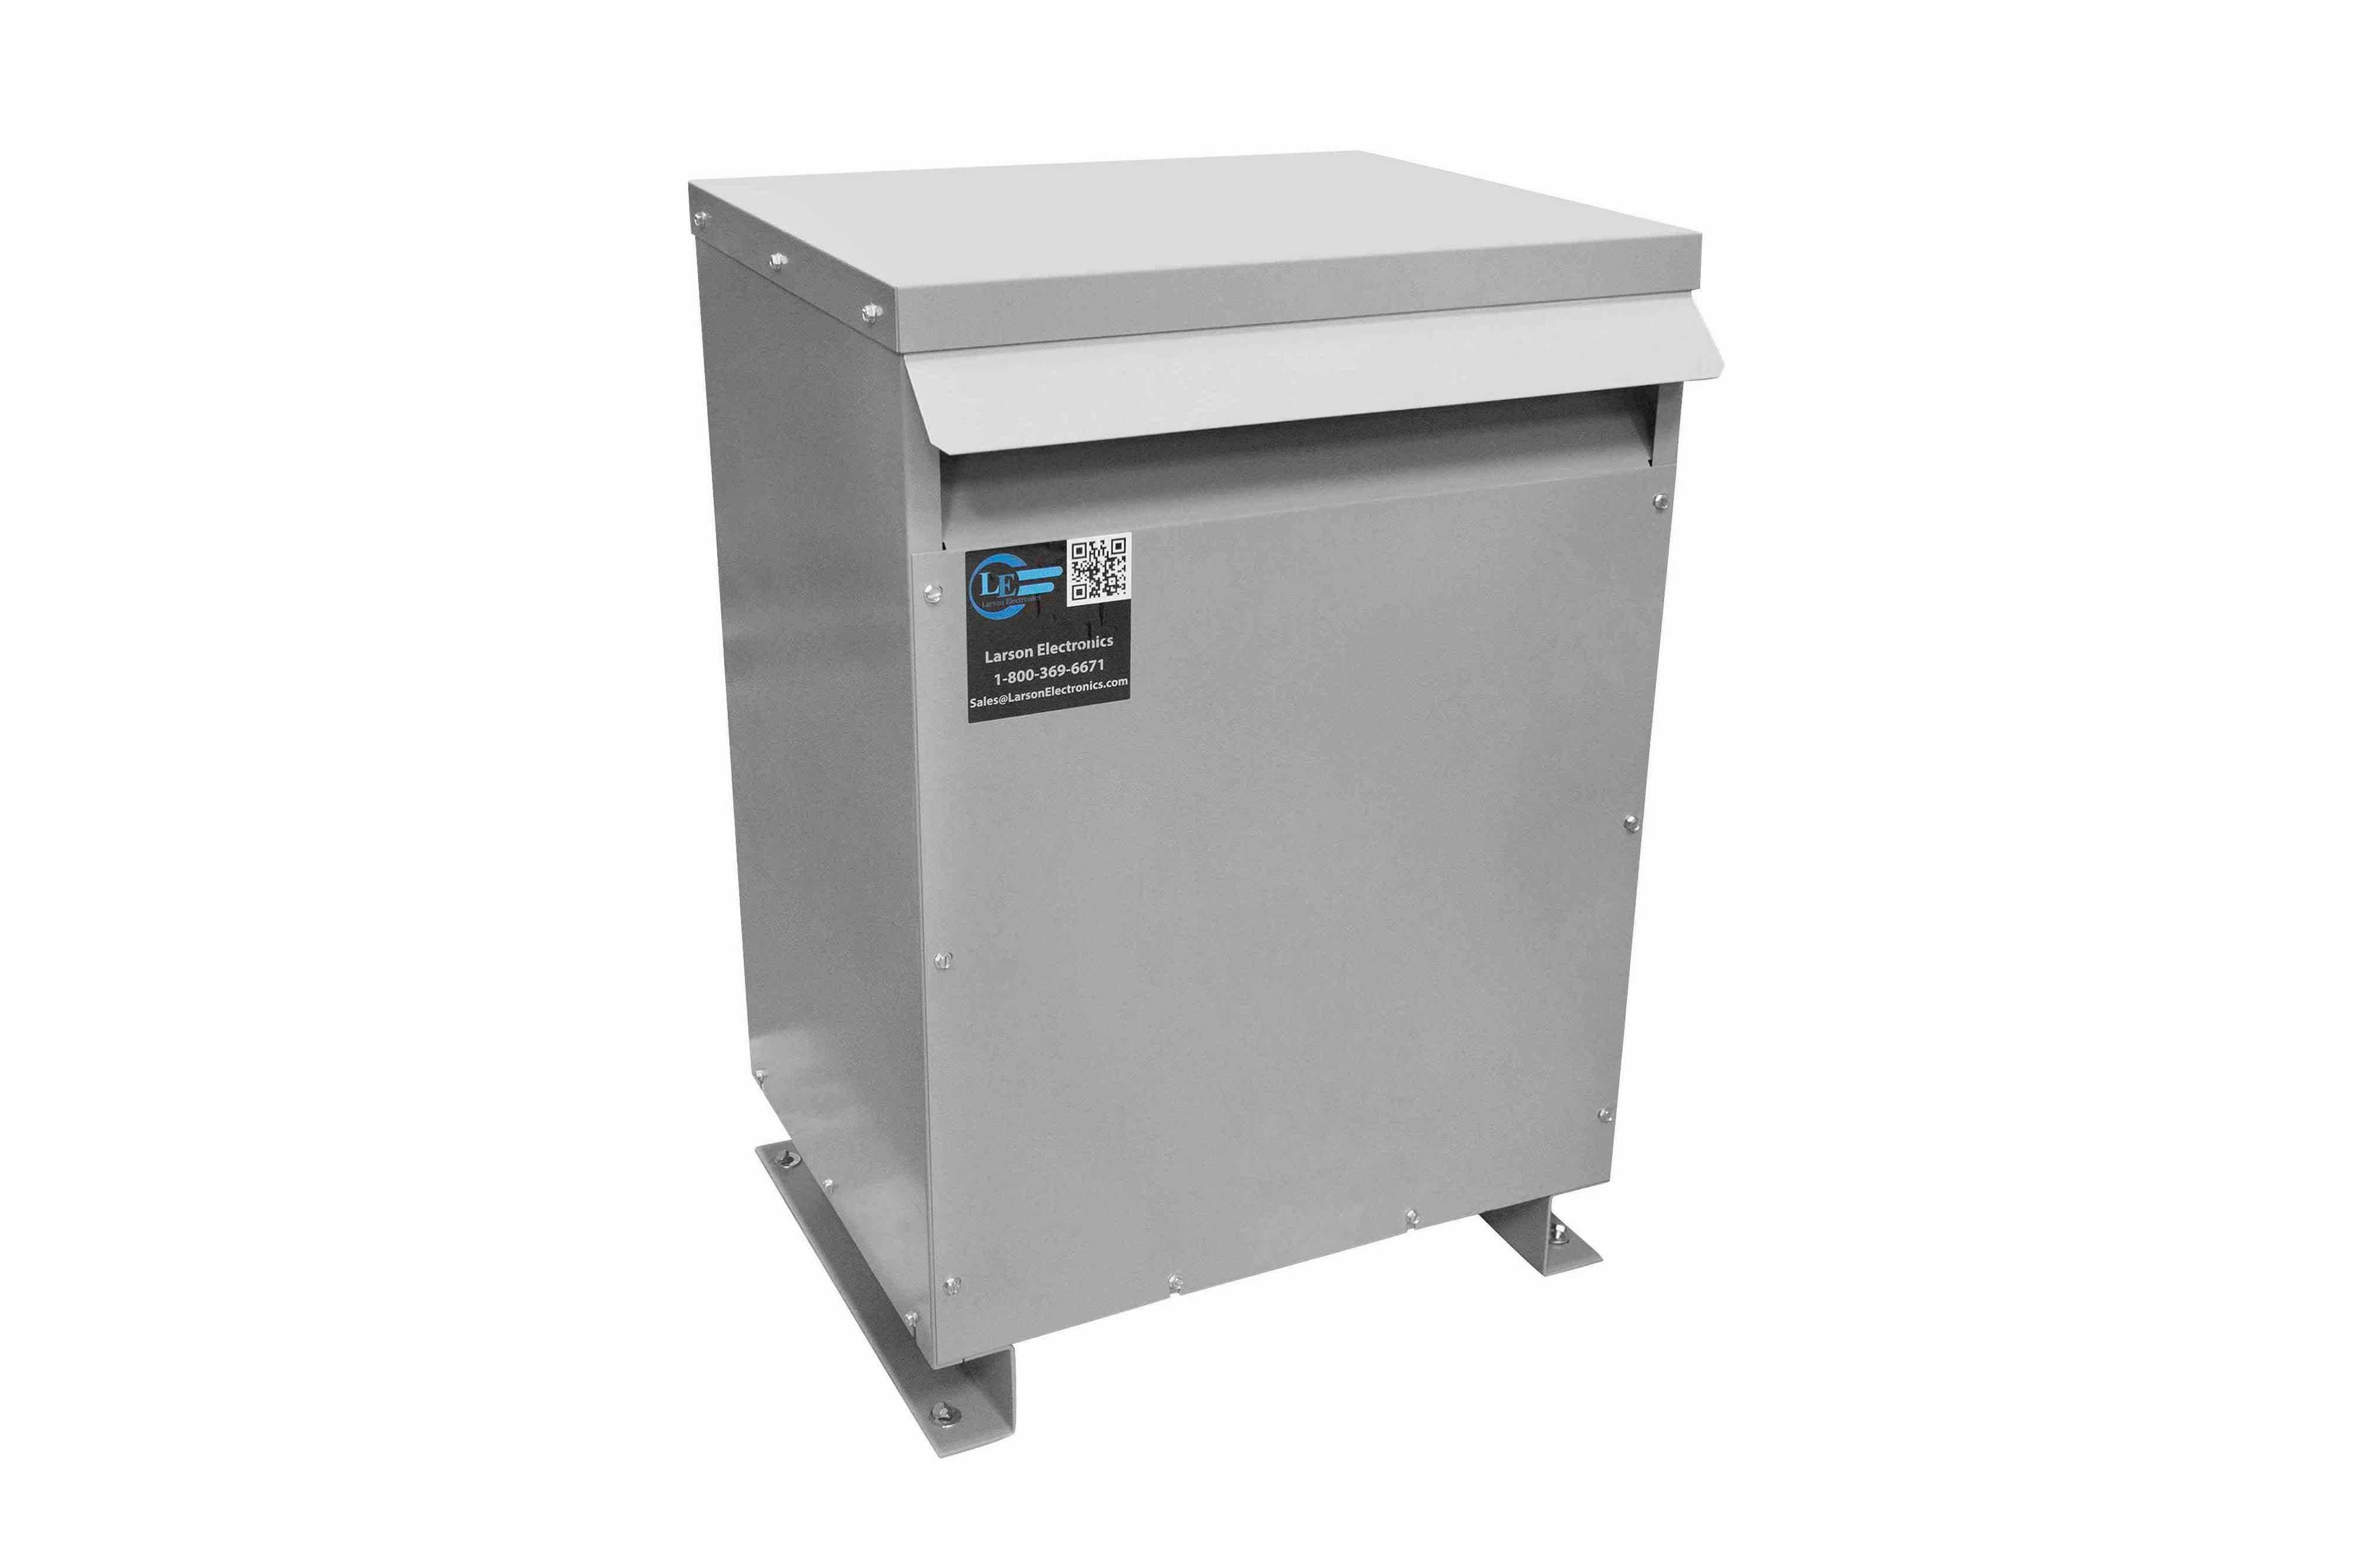 60 kVA 3PH Isolation Transformer, 240V Delta Primary, 208V Delta Secondary, N3R, Ventilated, 60 Hz